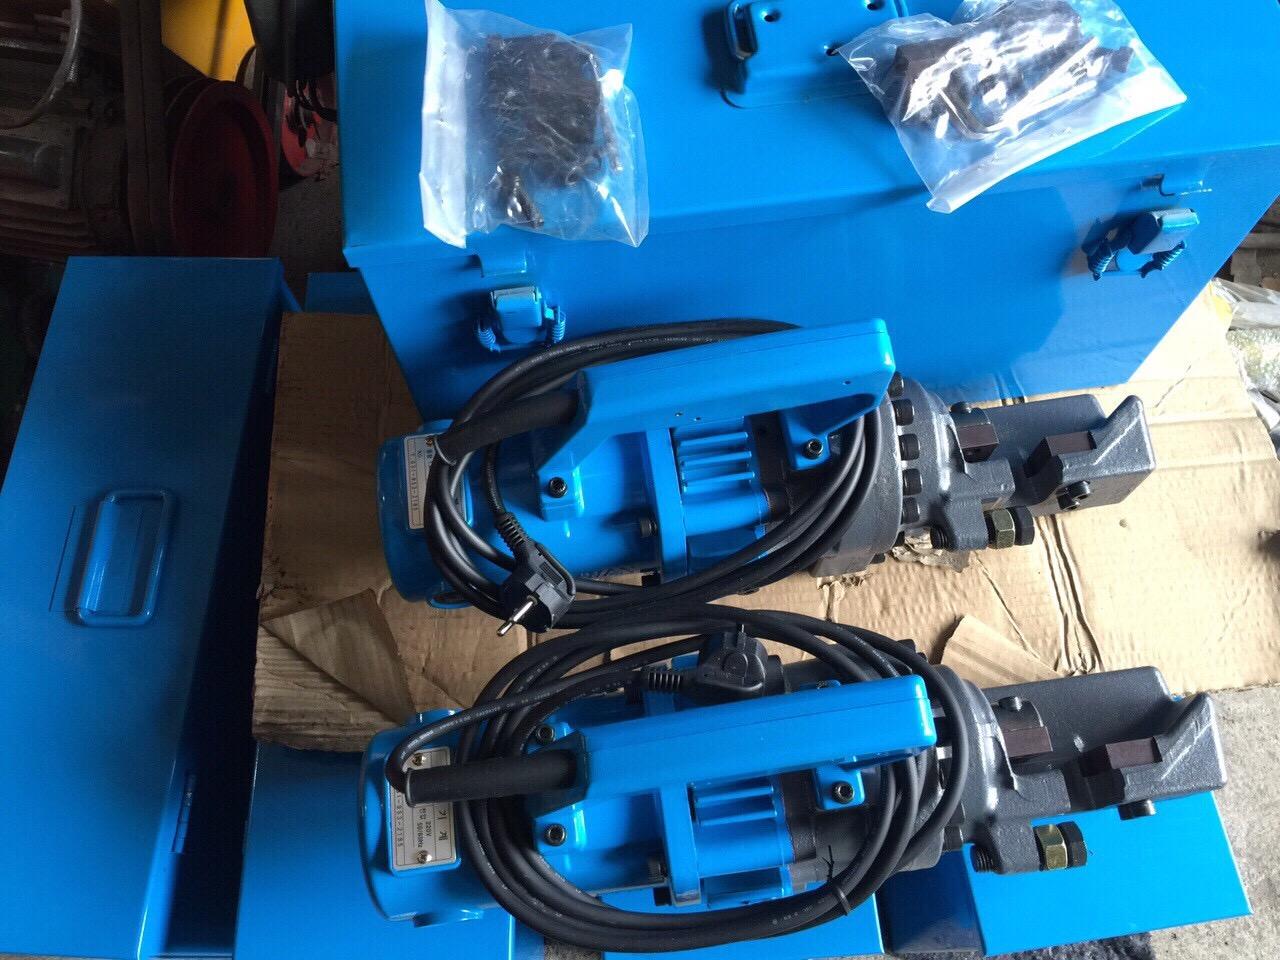 máy cắt sắt 25 cho thuê